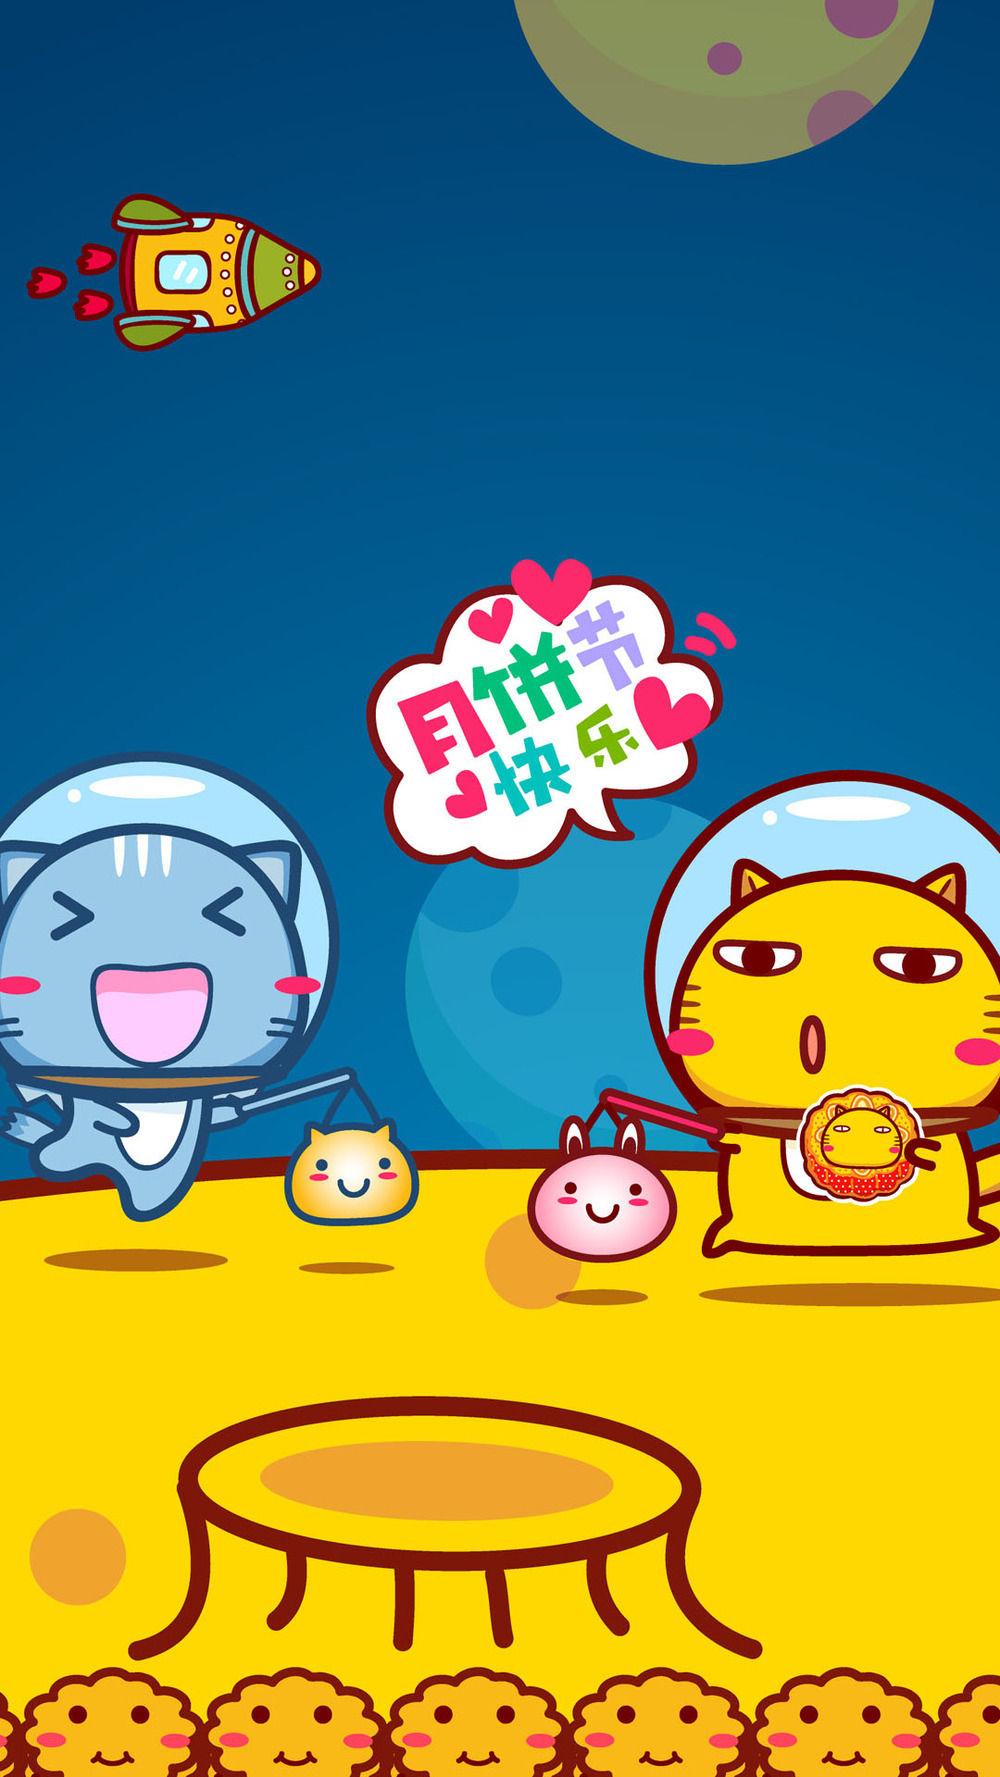 快乐月饼节.jpg